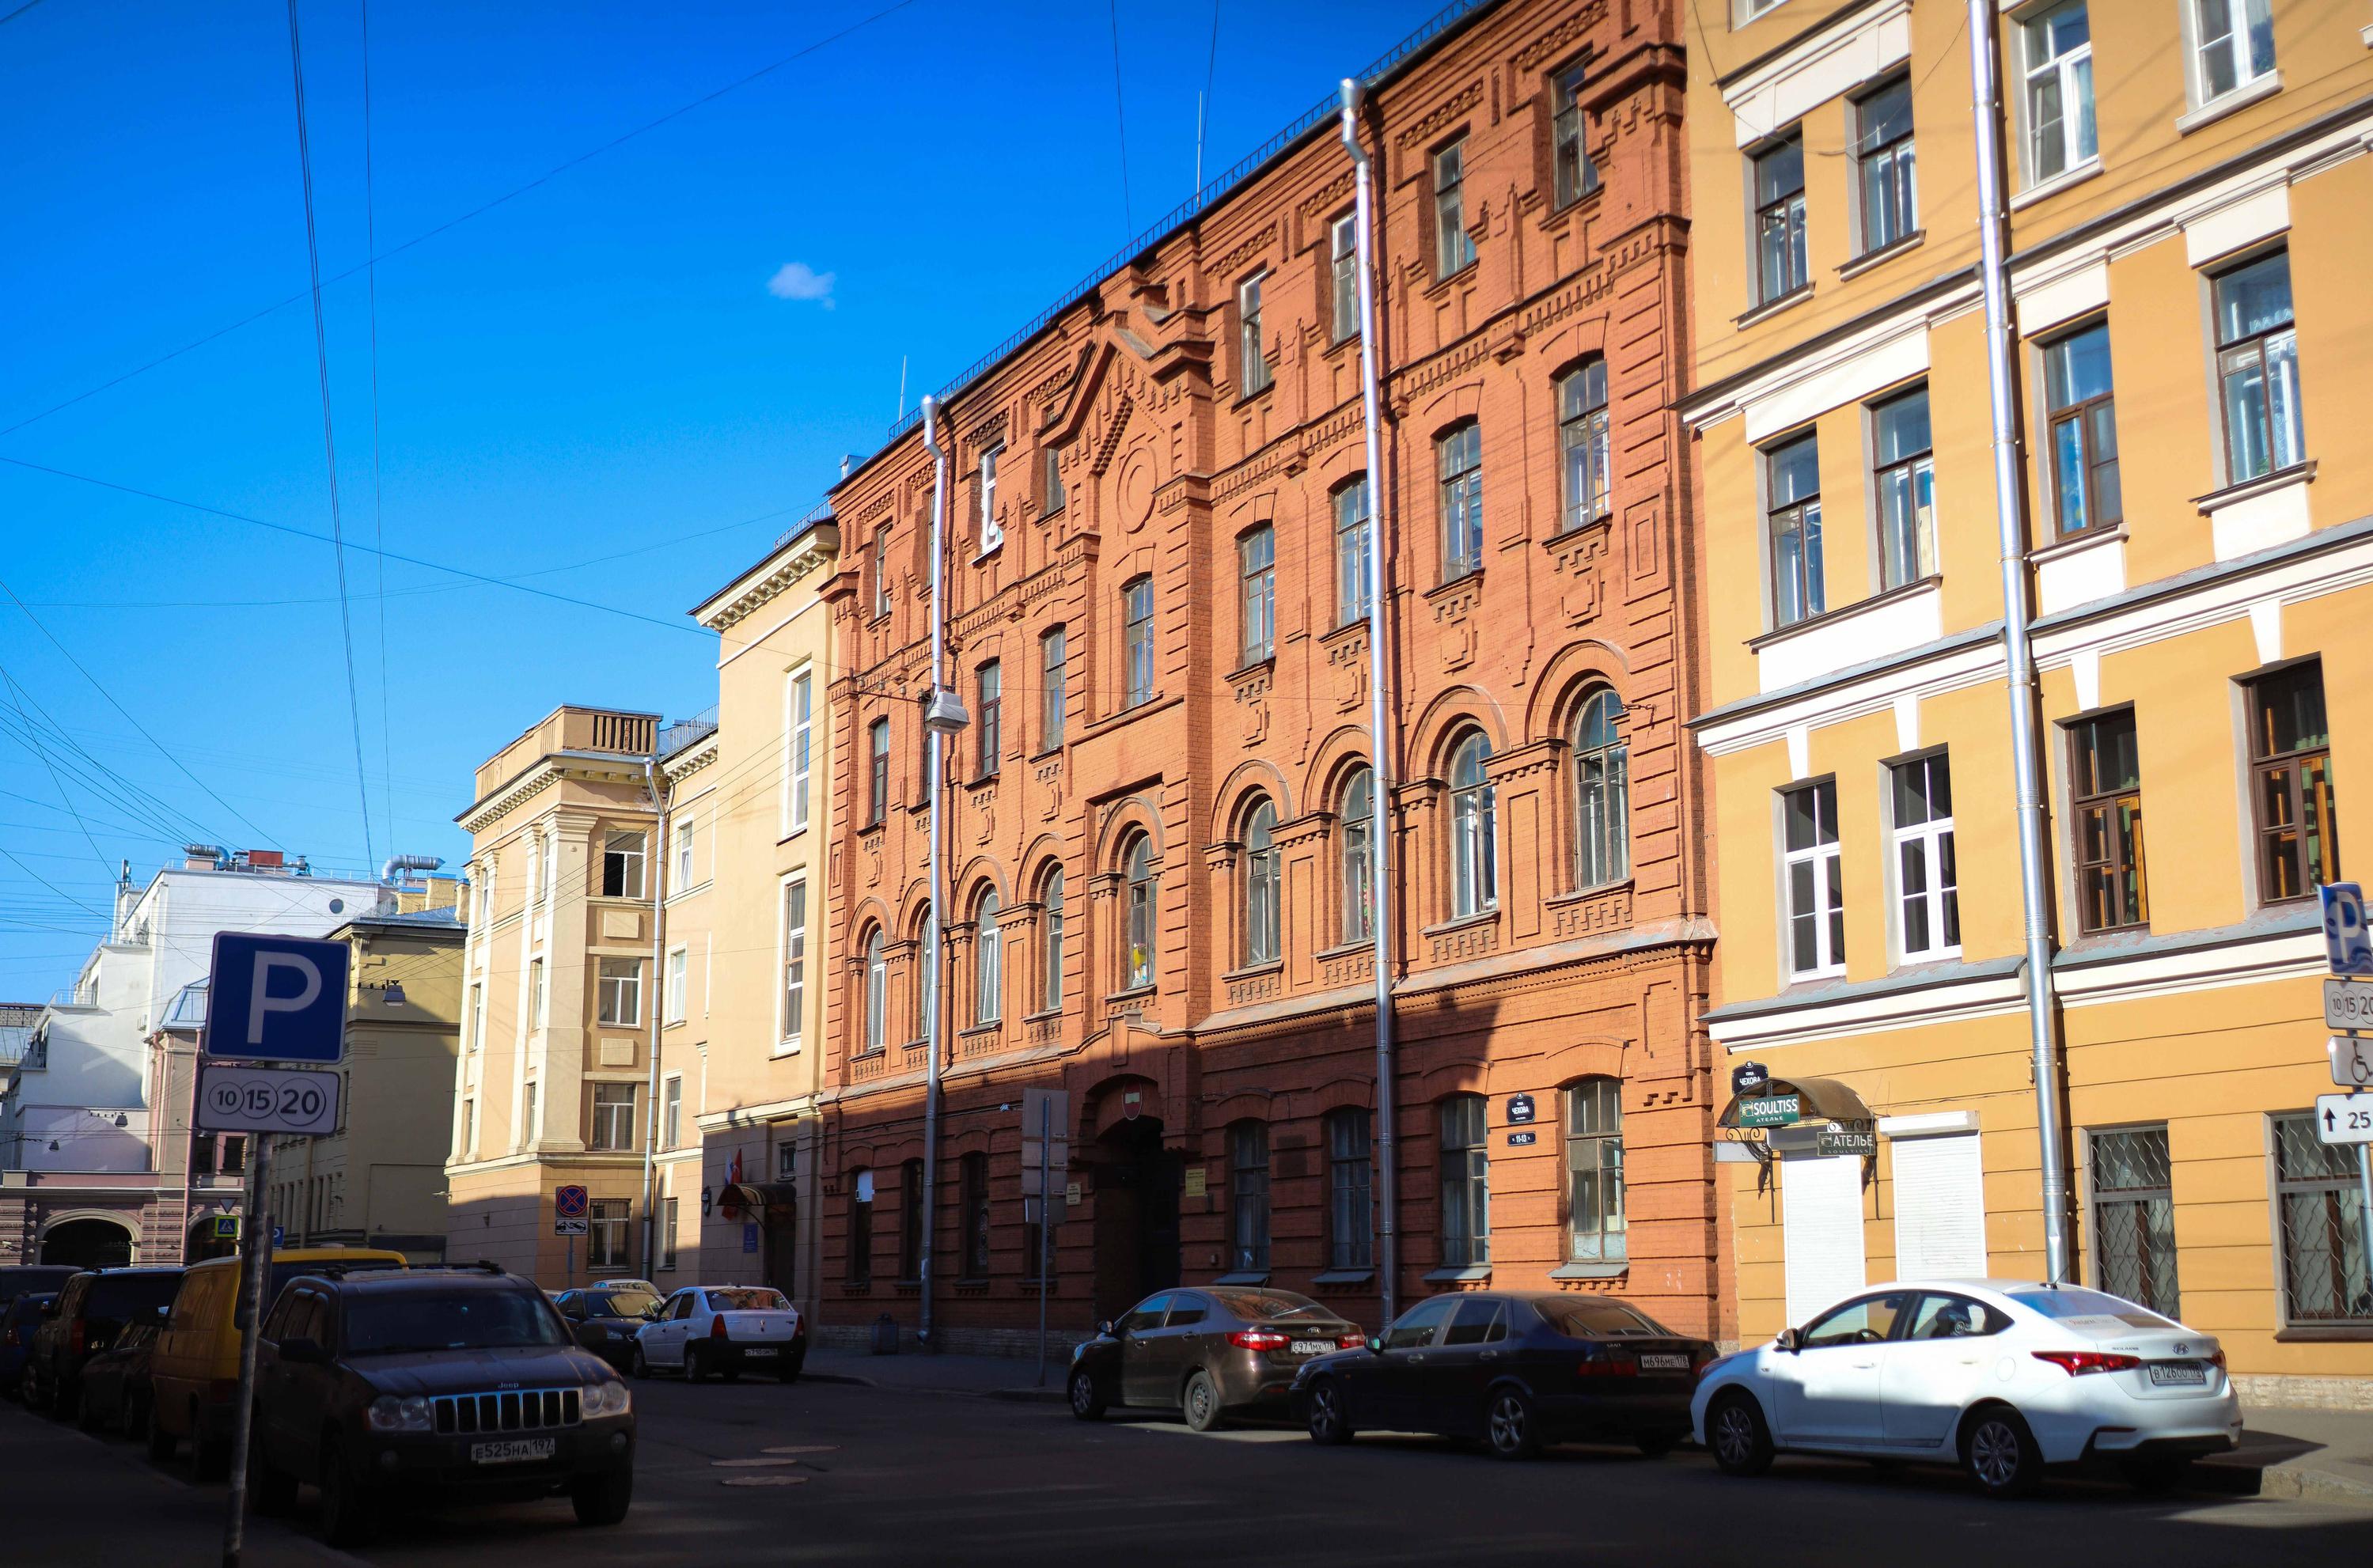 Дом №13 в Эртелевом переулке, ныне ул.Чехова.